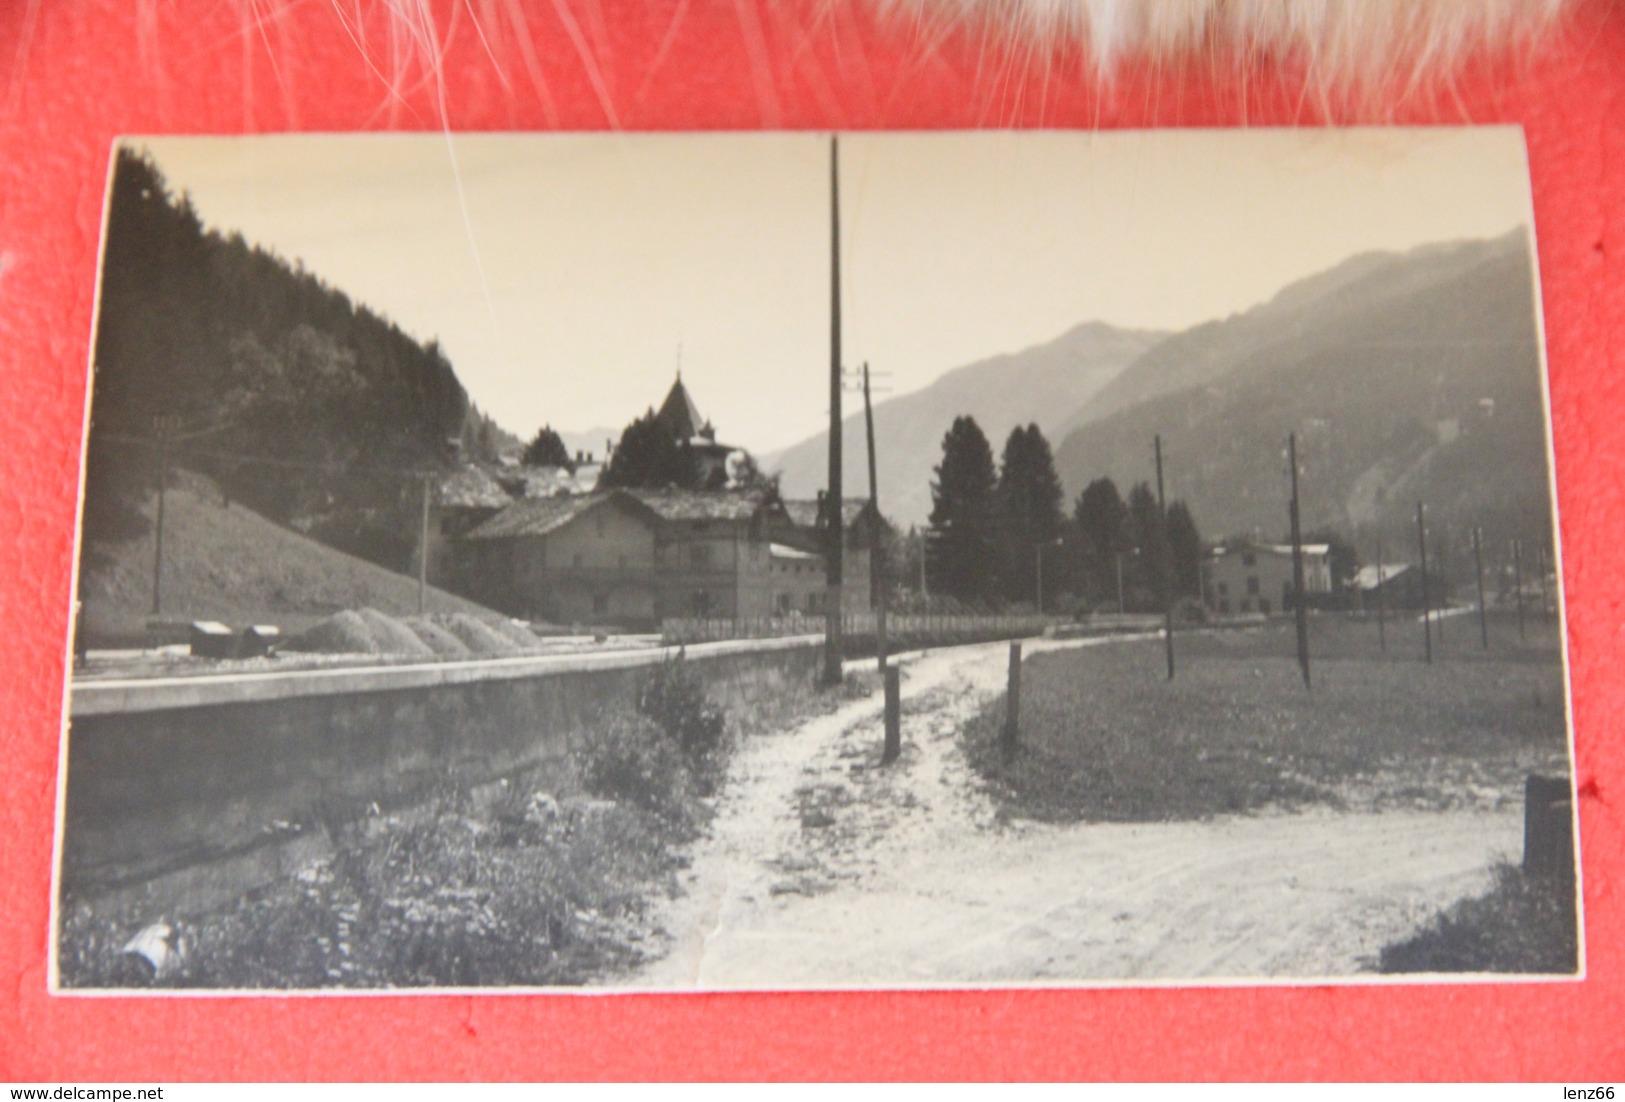 Val Gressoney Aosta Scorcio Rppc Ed. Ferrania NV  Agosto 1960 Scritto A Matita + Piccolo Taglio In Basso - Italie